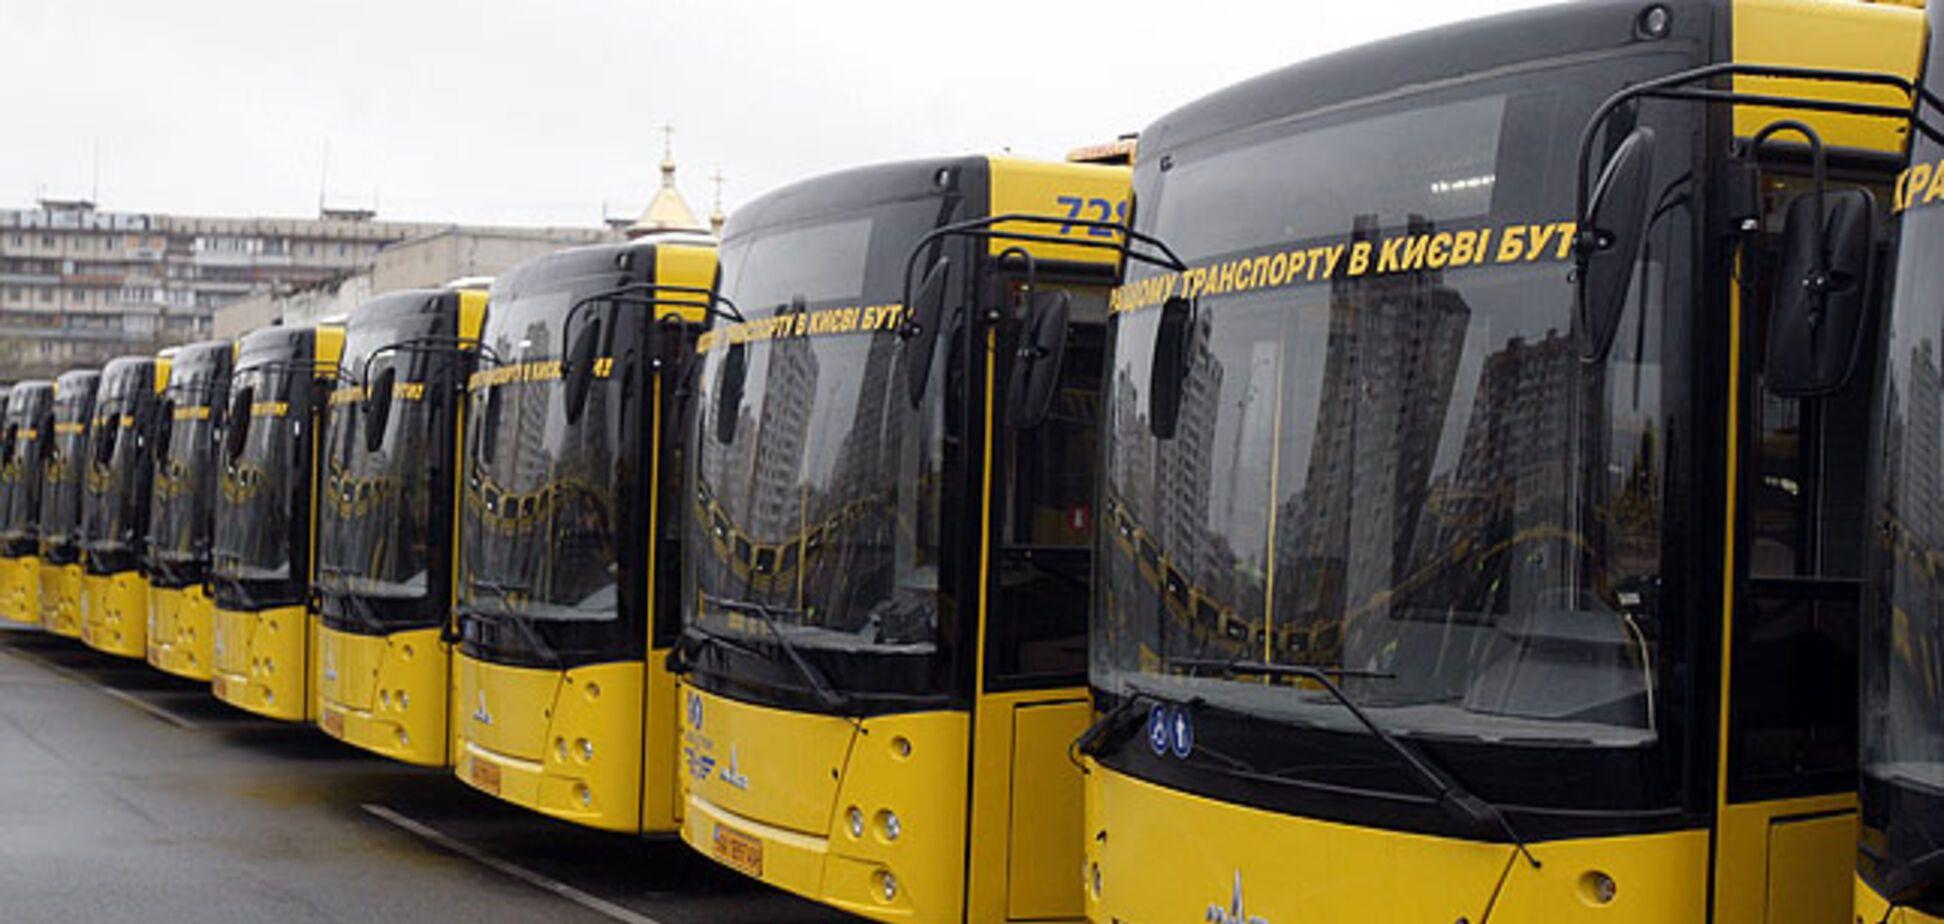 Киев закупит новые автобусы, трамваи и вагоны фуникулера